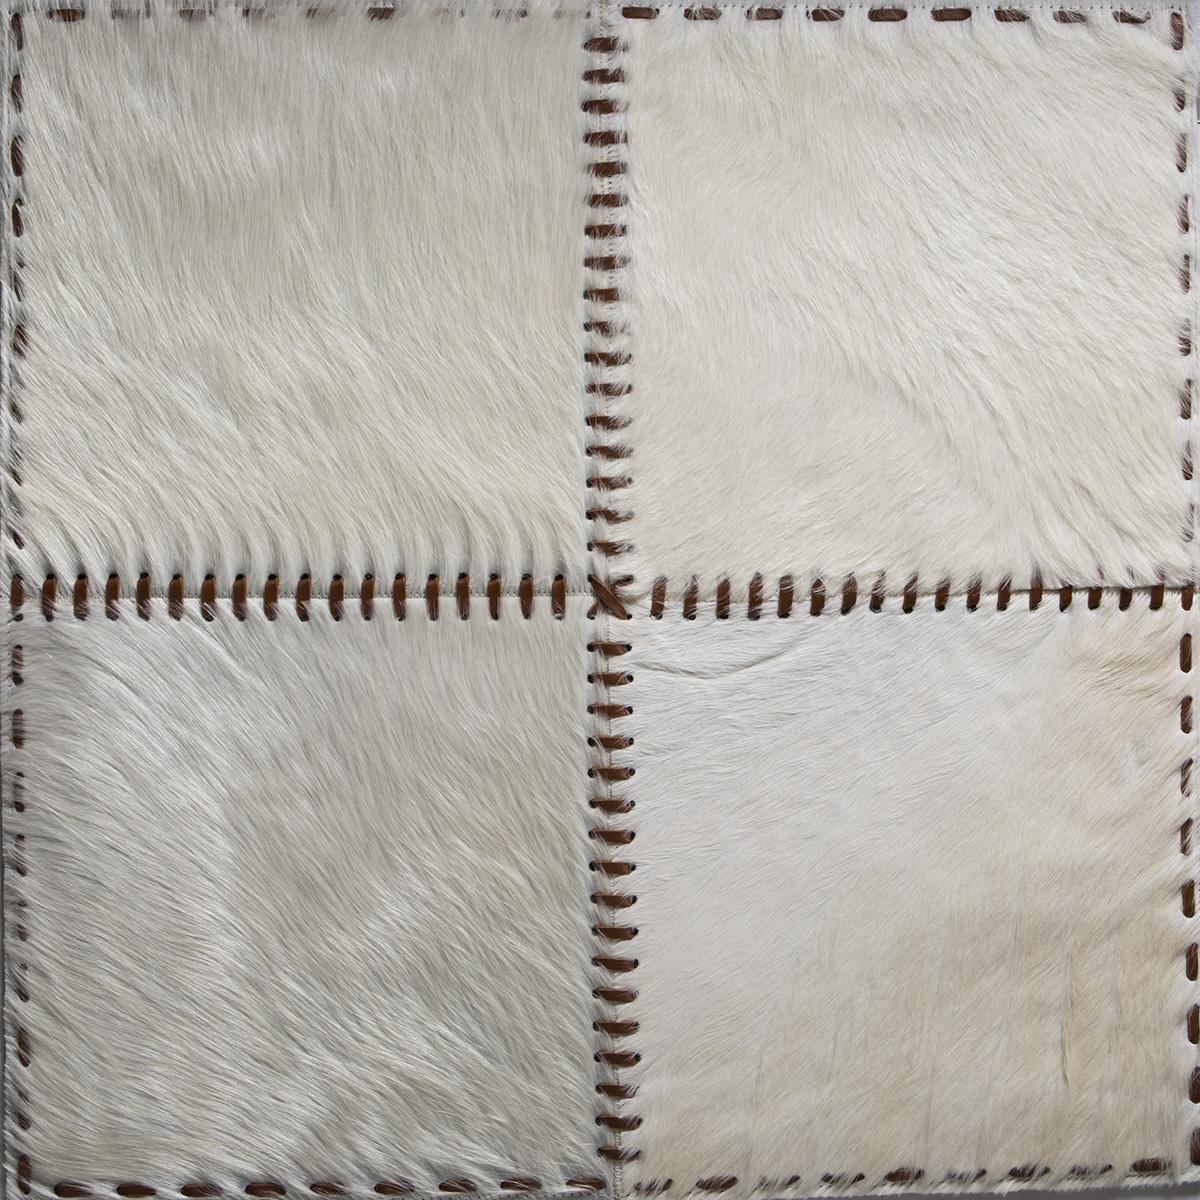 Ebanista-Modern-Textured-Rug-TOBA-ALABASTER-BROWN-1.jpg